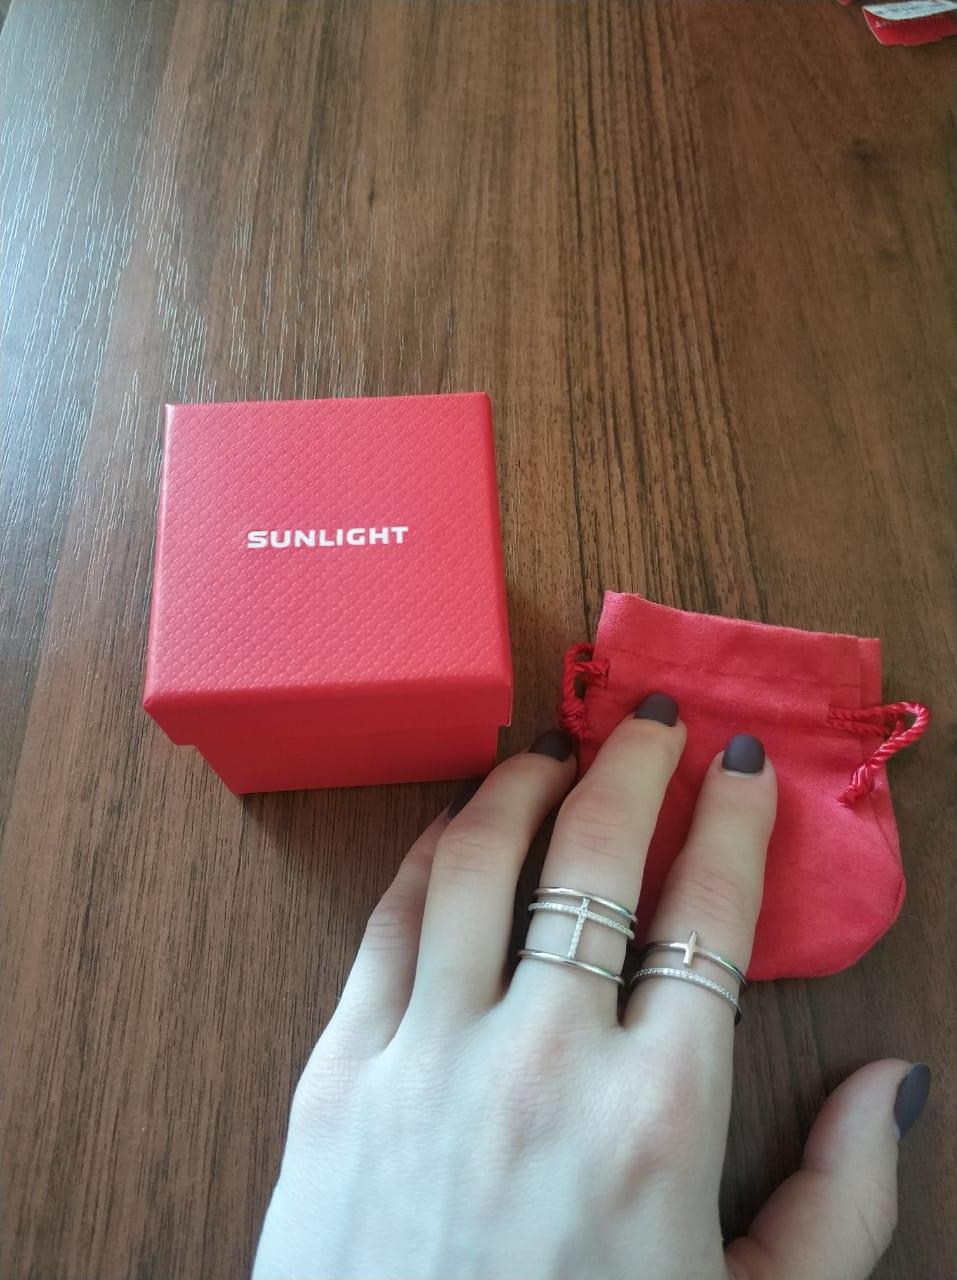 Кольцо очень красиво смотрится